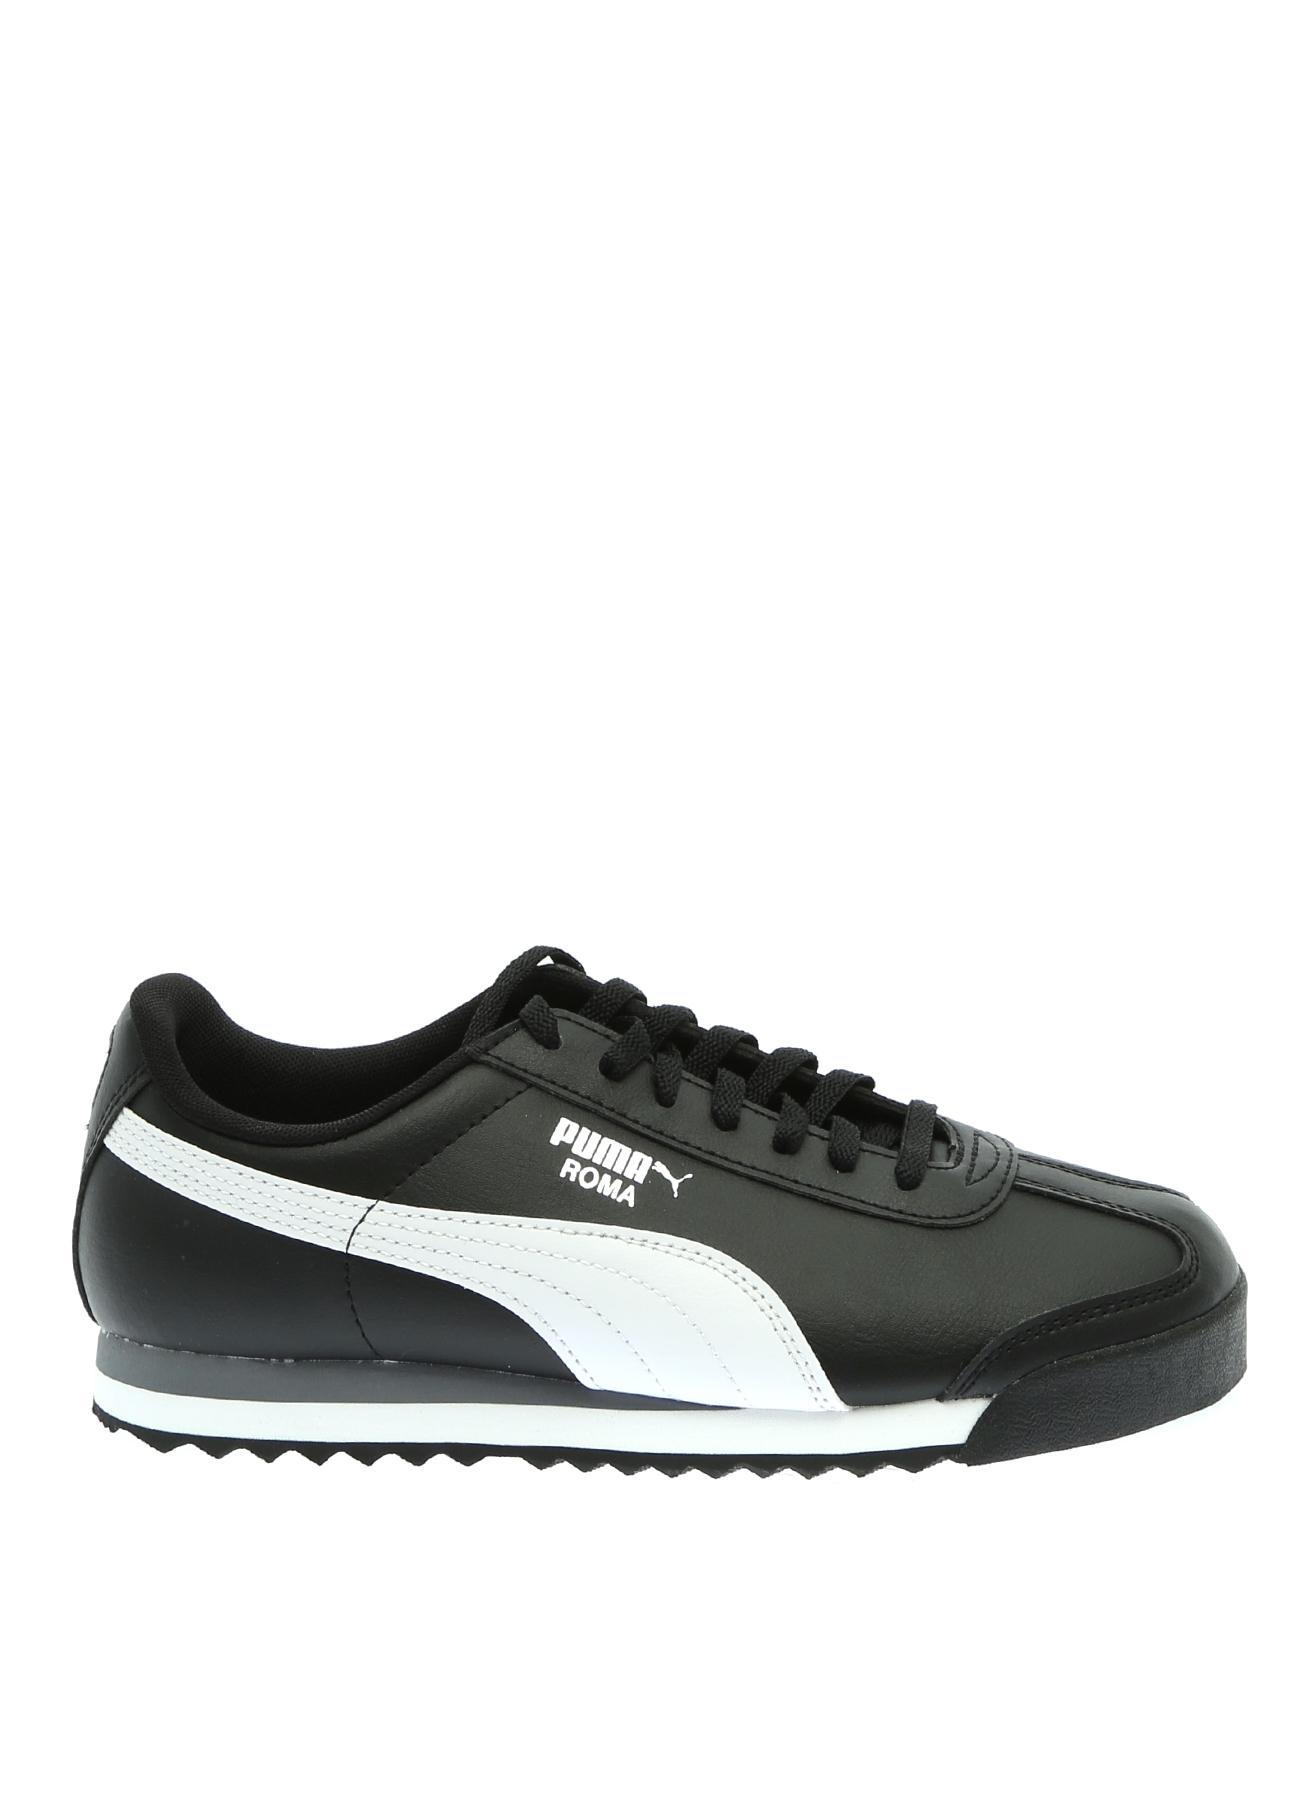 Puma Yürüyüş Ayakkabısı 39 5000167120007 Ürün Resmi